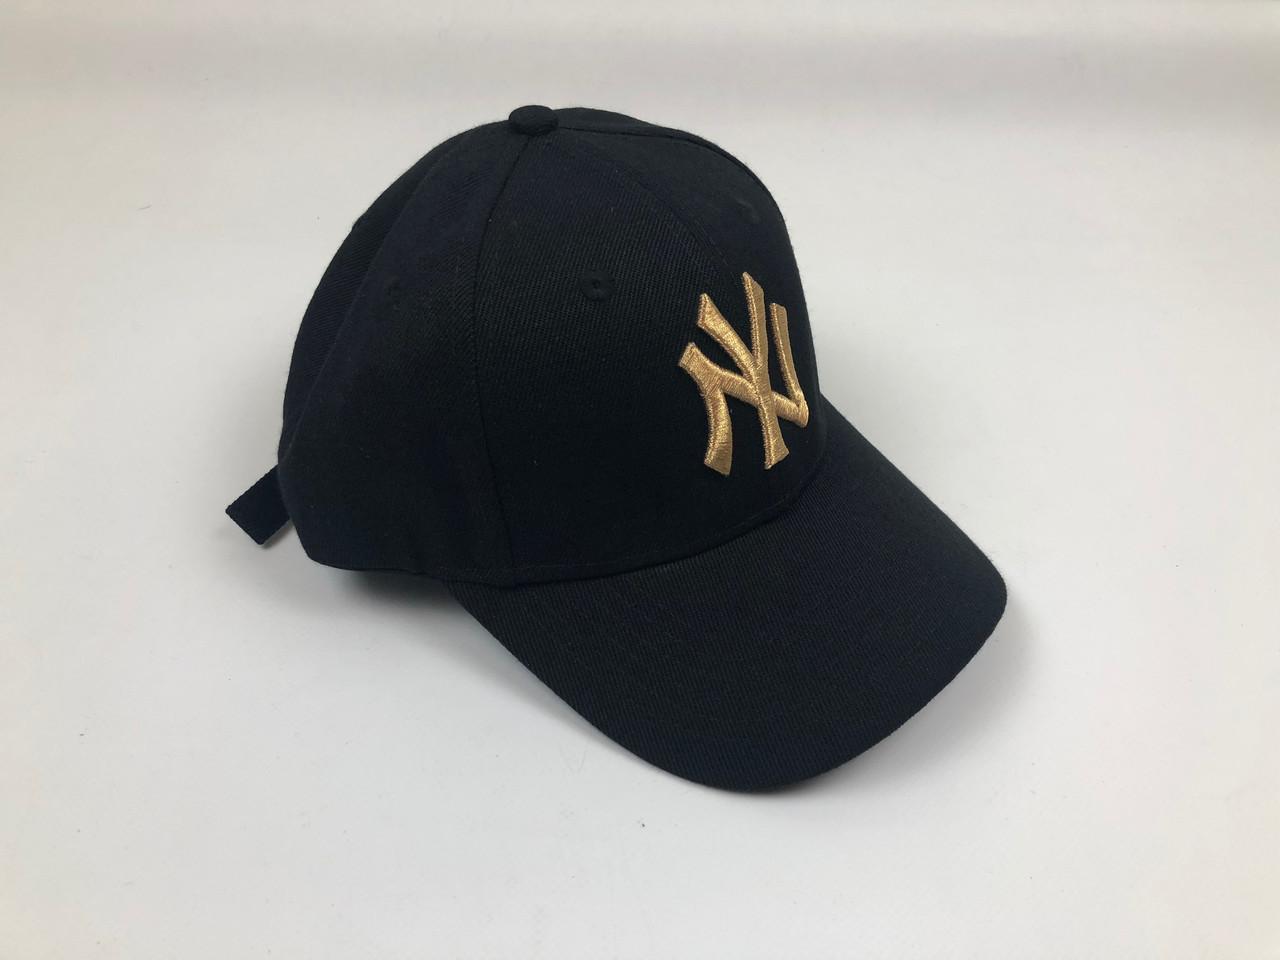 Кепка Бейсболка Мужская Женская MLB New York Yankees NY Черная с Золотым лого